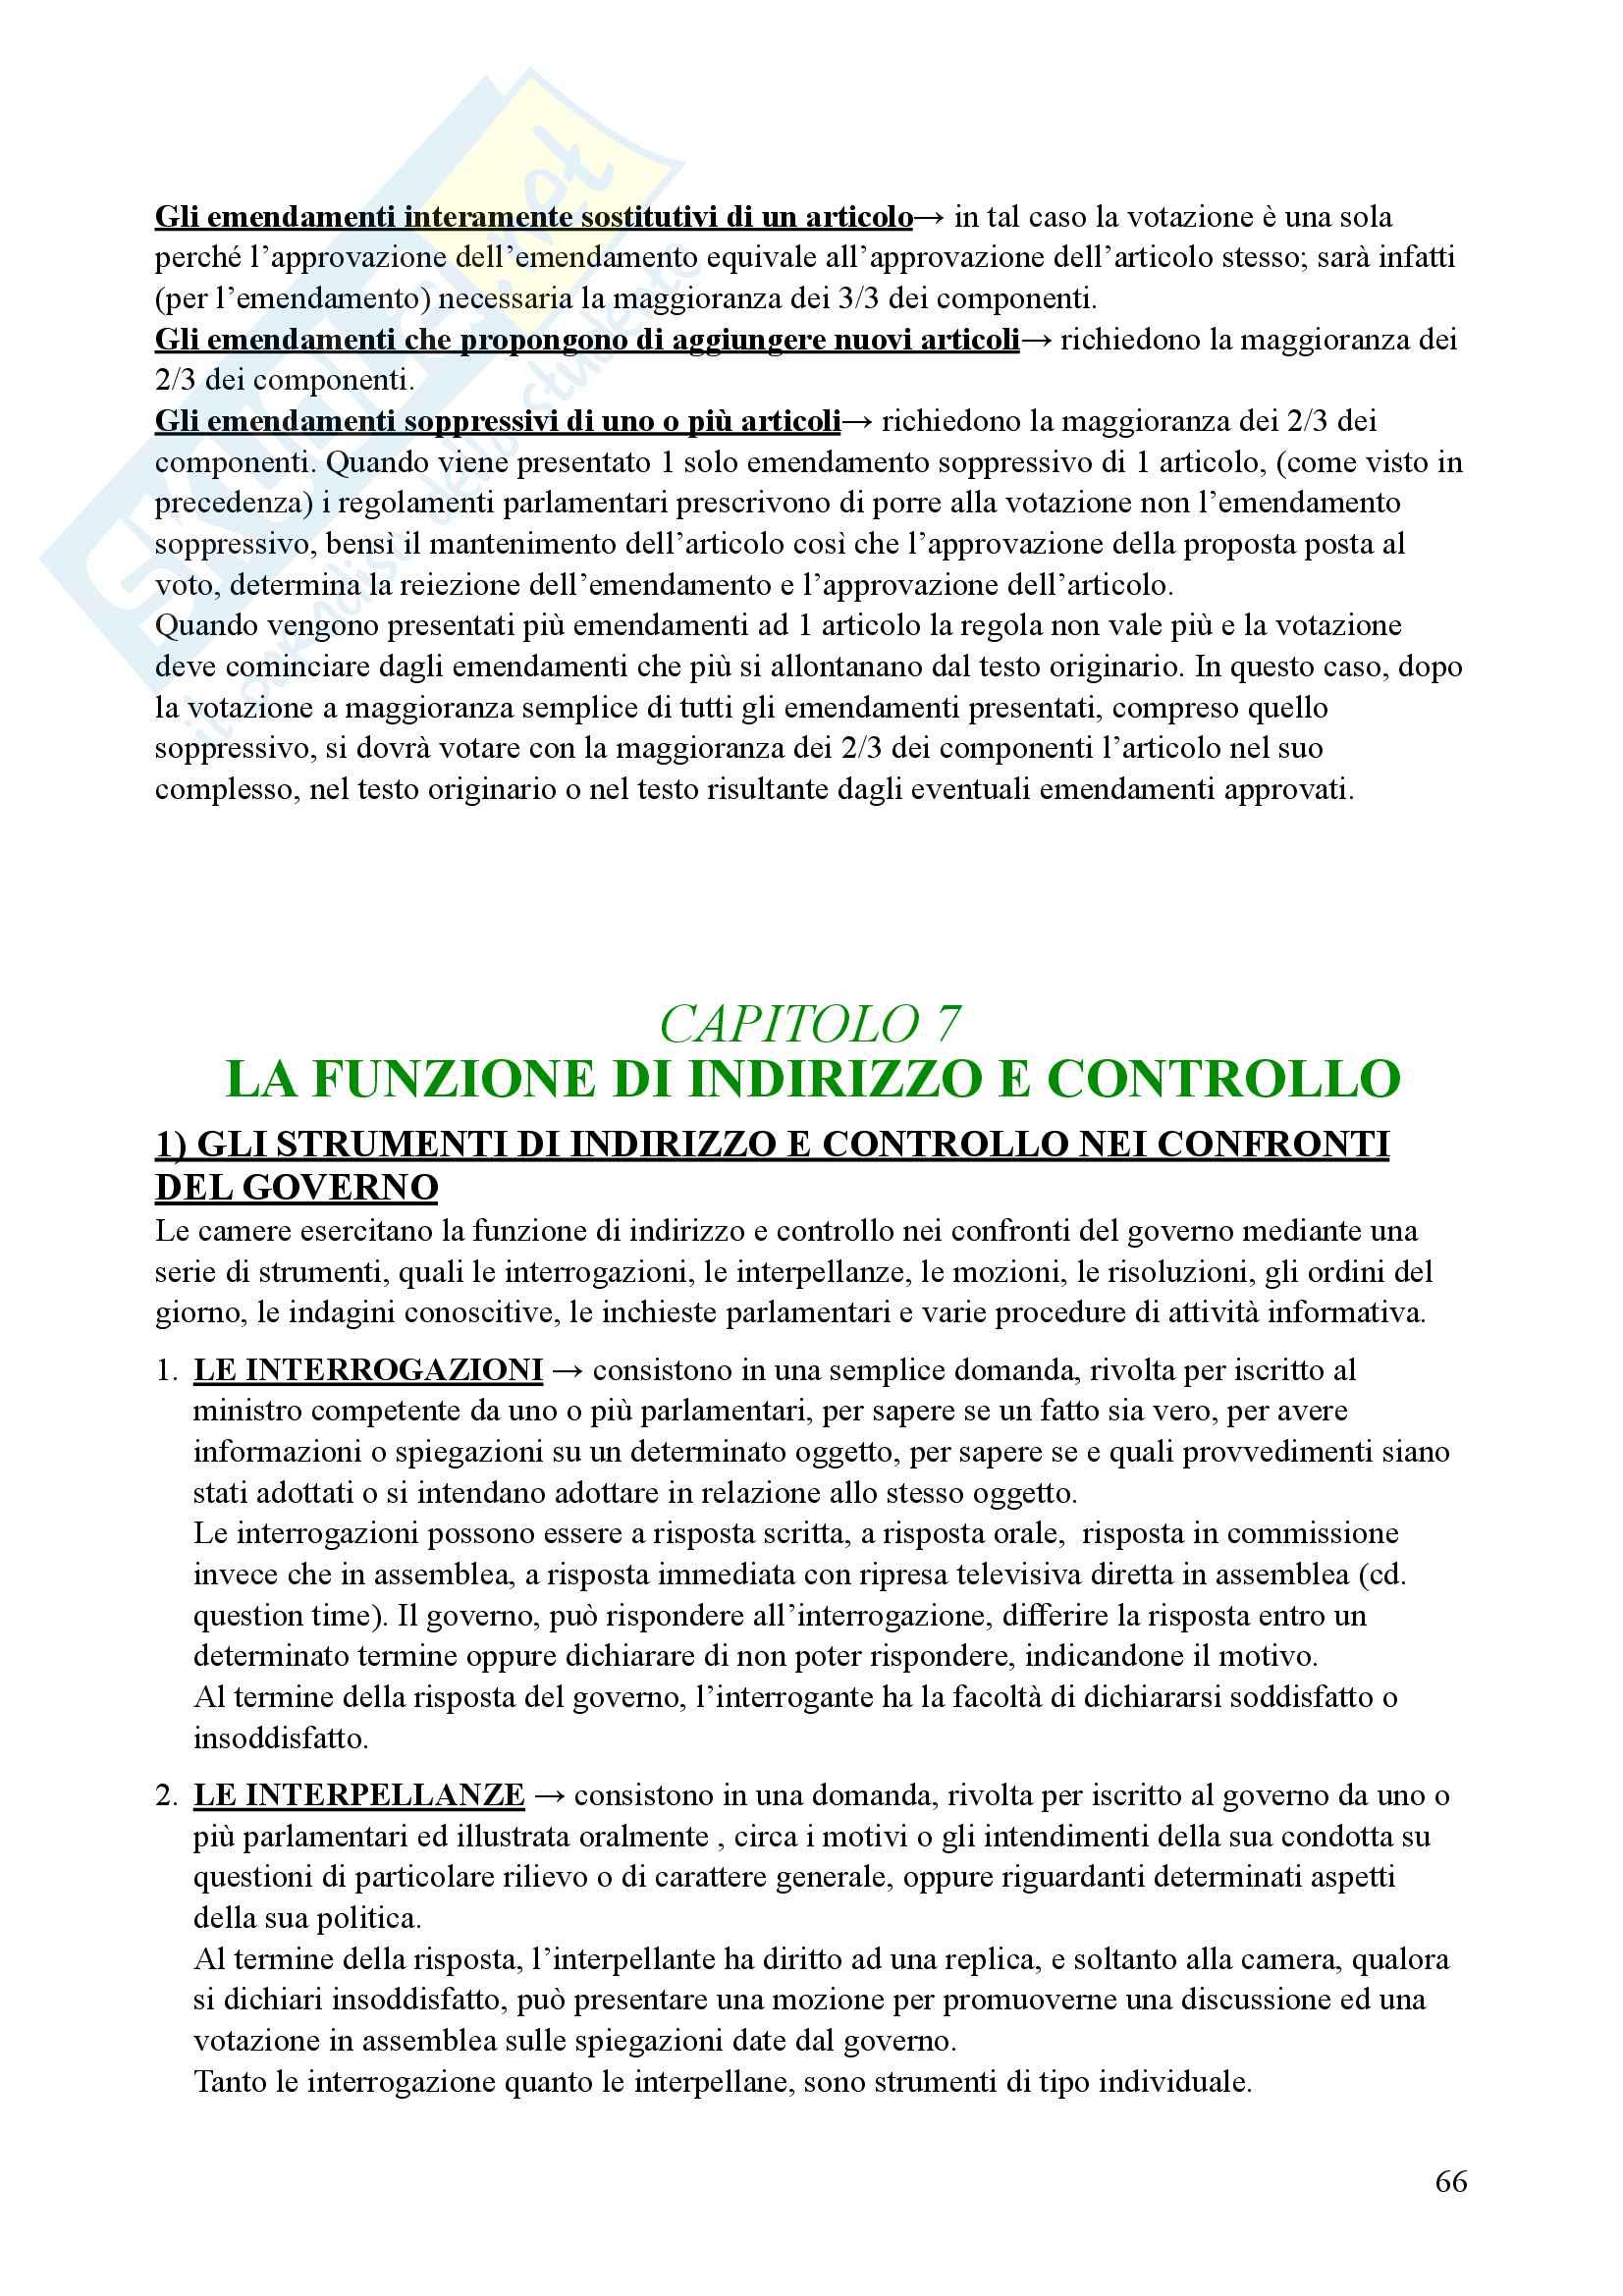 Riassunto esame Diritto parlamentare, Libro consigliato Cicconetti Pag. 66